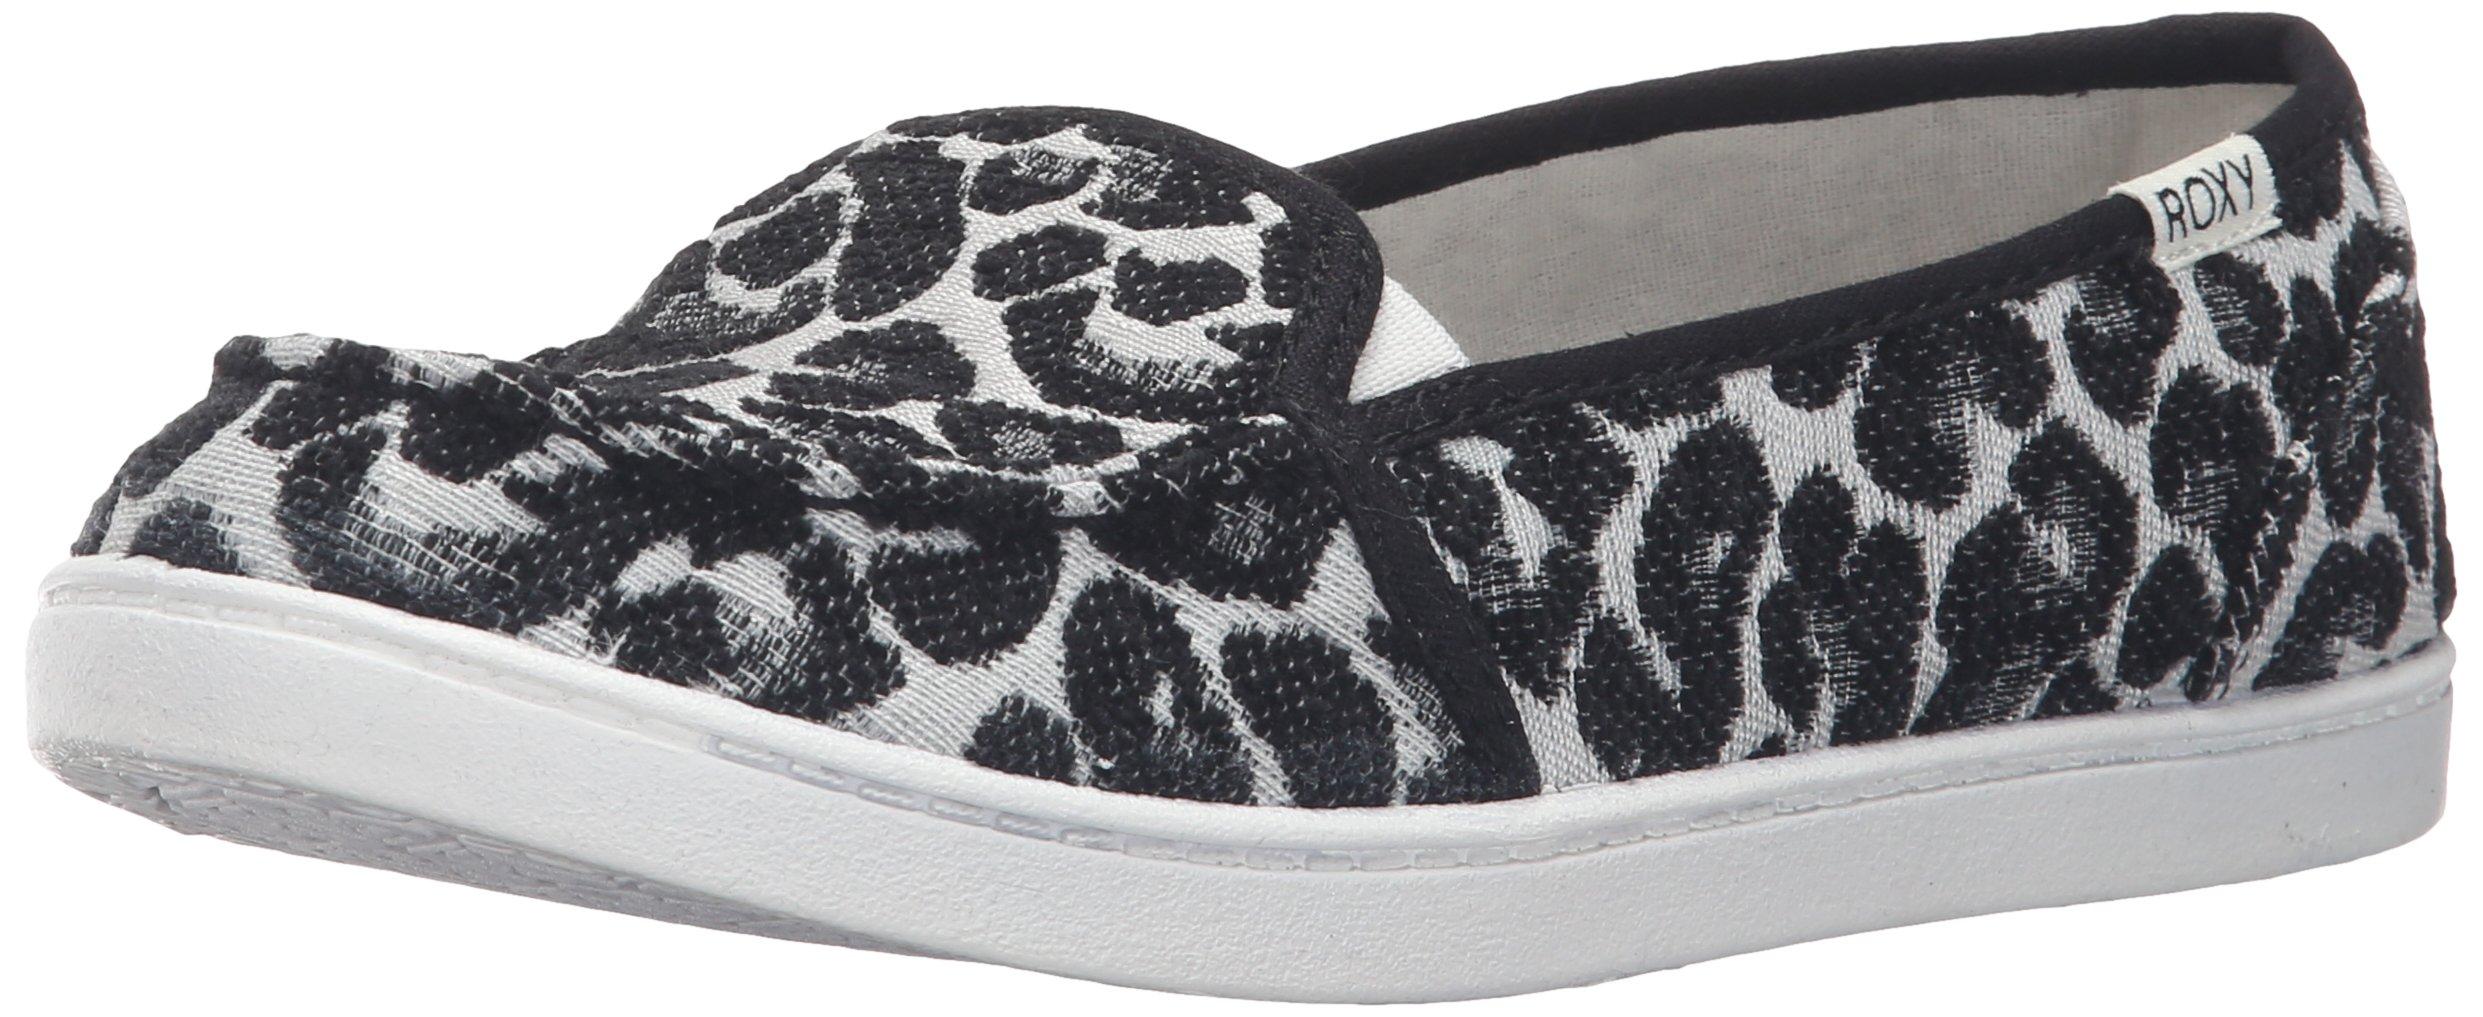 Roxy Women's Lido Iii Slip-on Shoes Flat, Black/Black/Dark Grey, 7 M US by Roxy (Image #1)